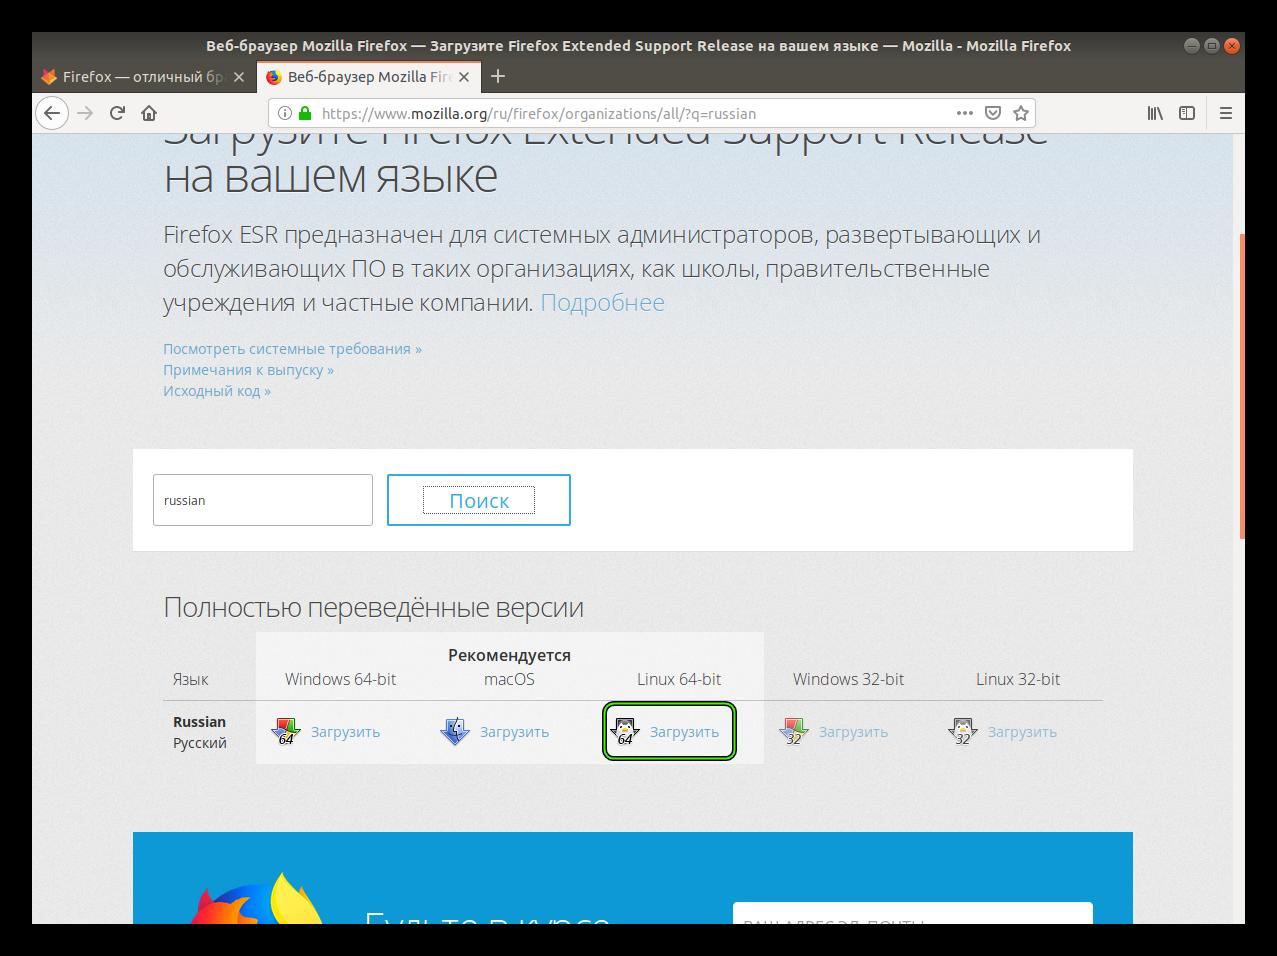 Скачать последнюю версию Firefox ESR для Linux